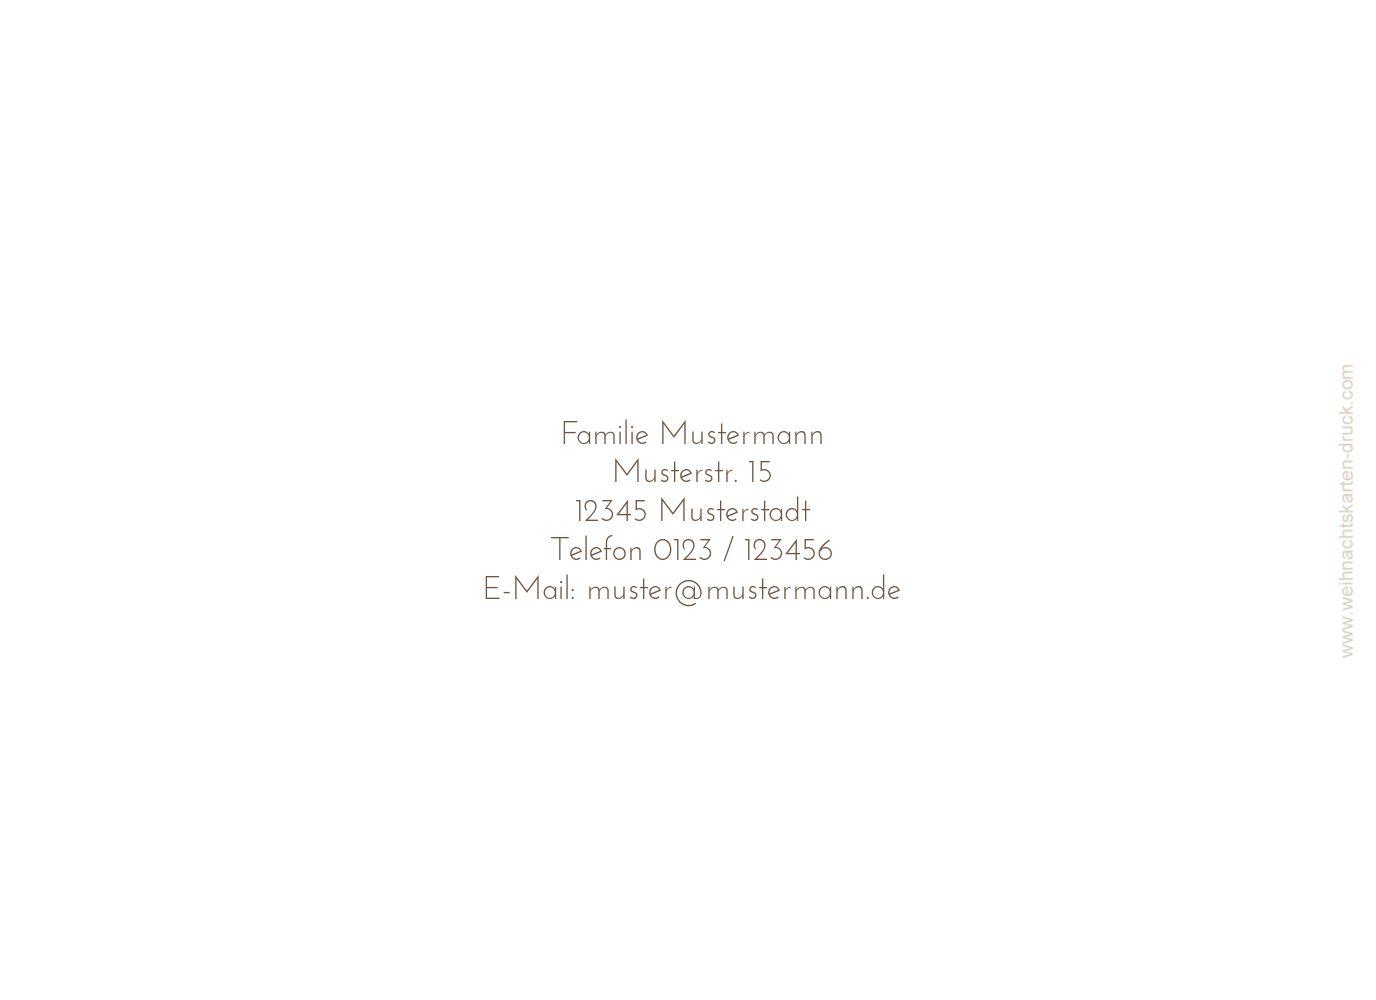 Ansicht 2 - Einladung Elch